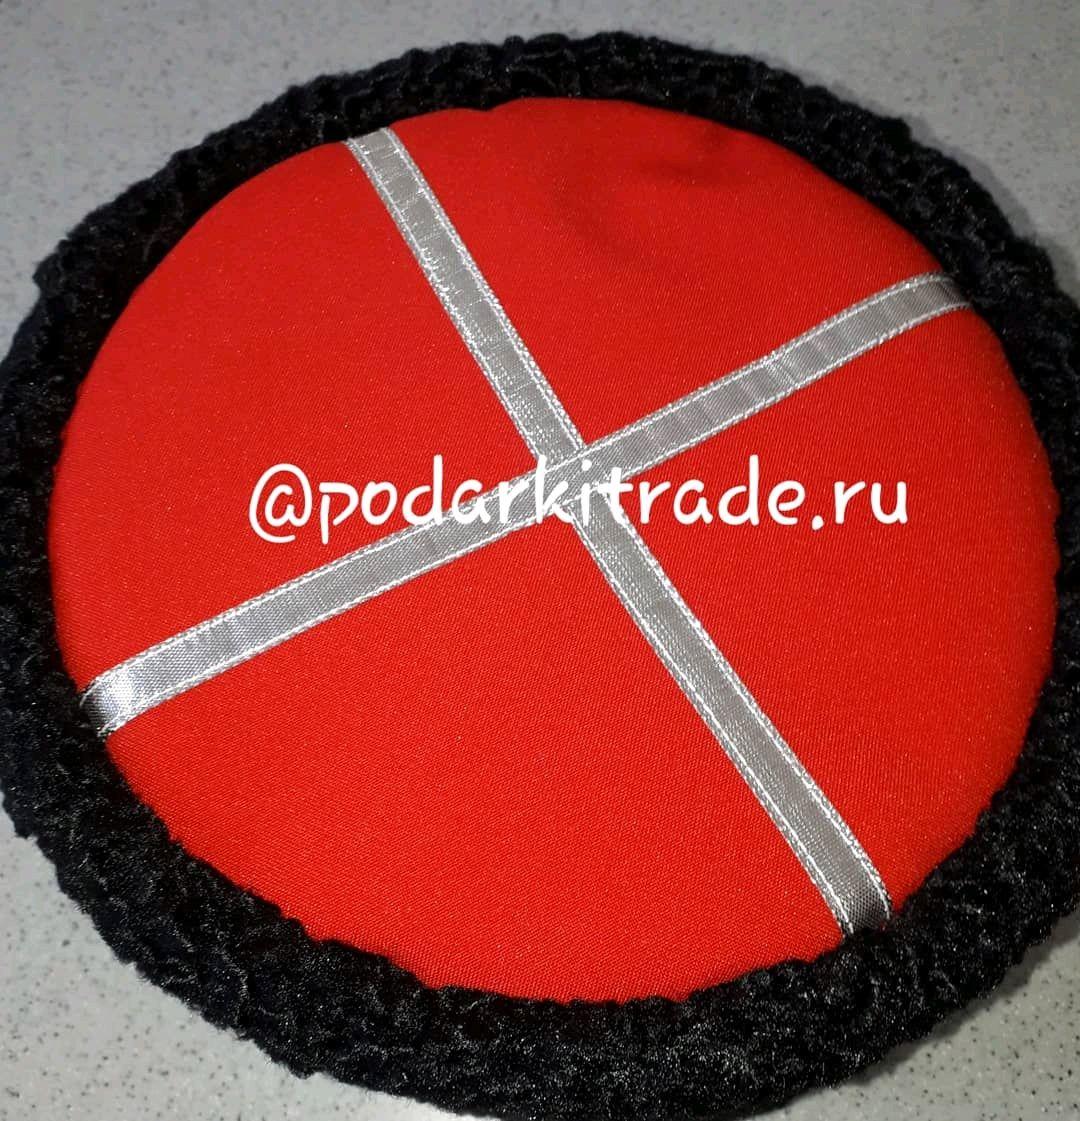 Кубанка из искусственного черного каракуля с красным верхом, Шапки, Краснодар,  Фото №1